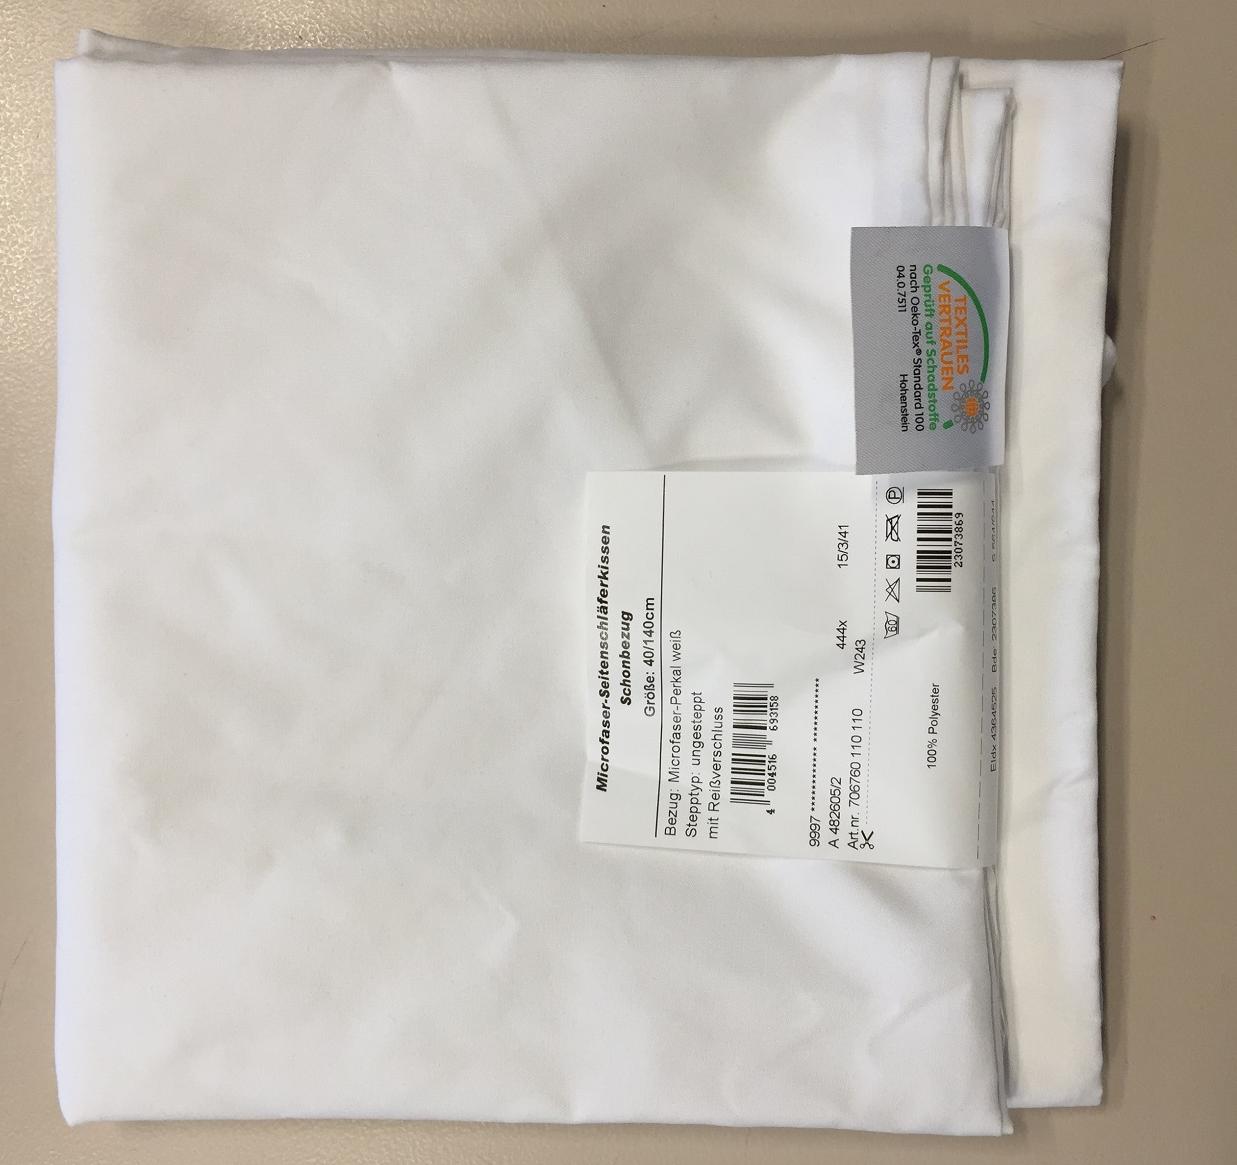 Garanta Seitenschläferkissenbezug Microfaser 40x140 cm Weiß